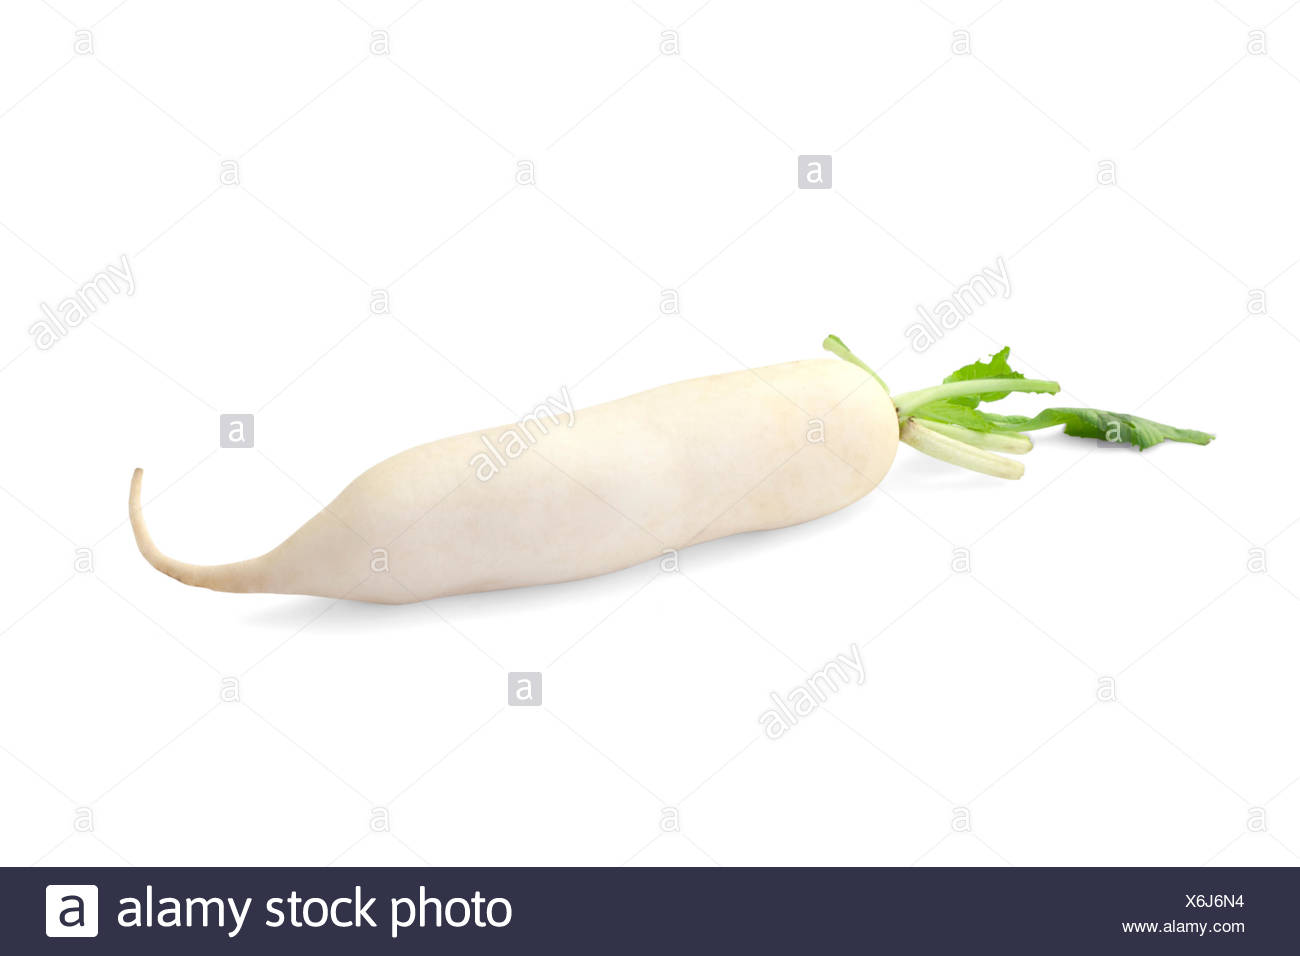 Daikon radish isolated on white background - Stock Image